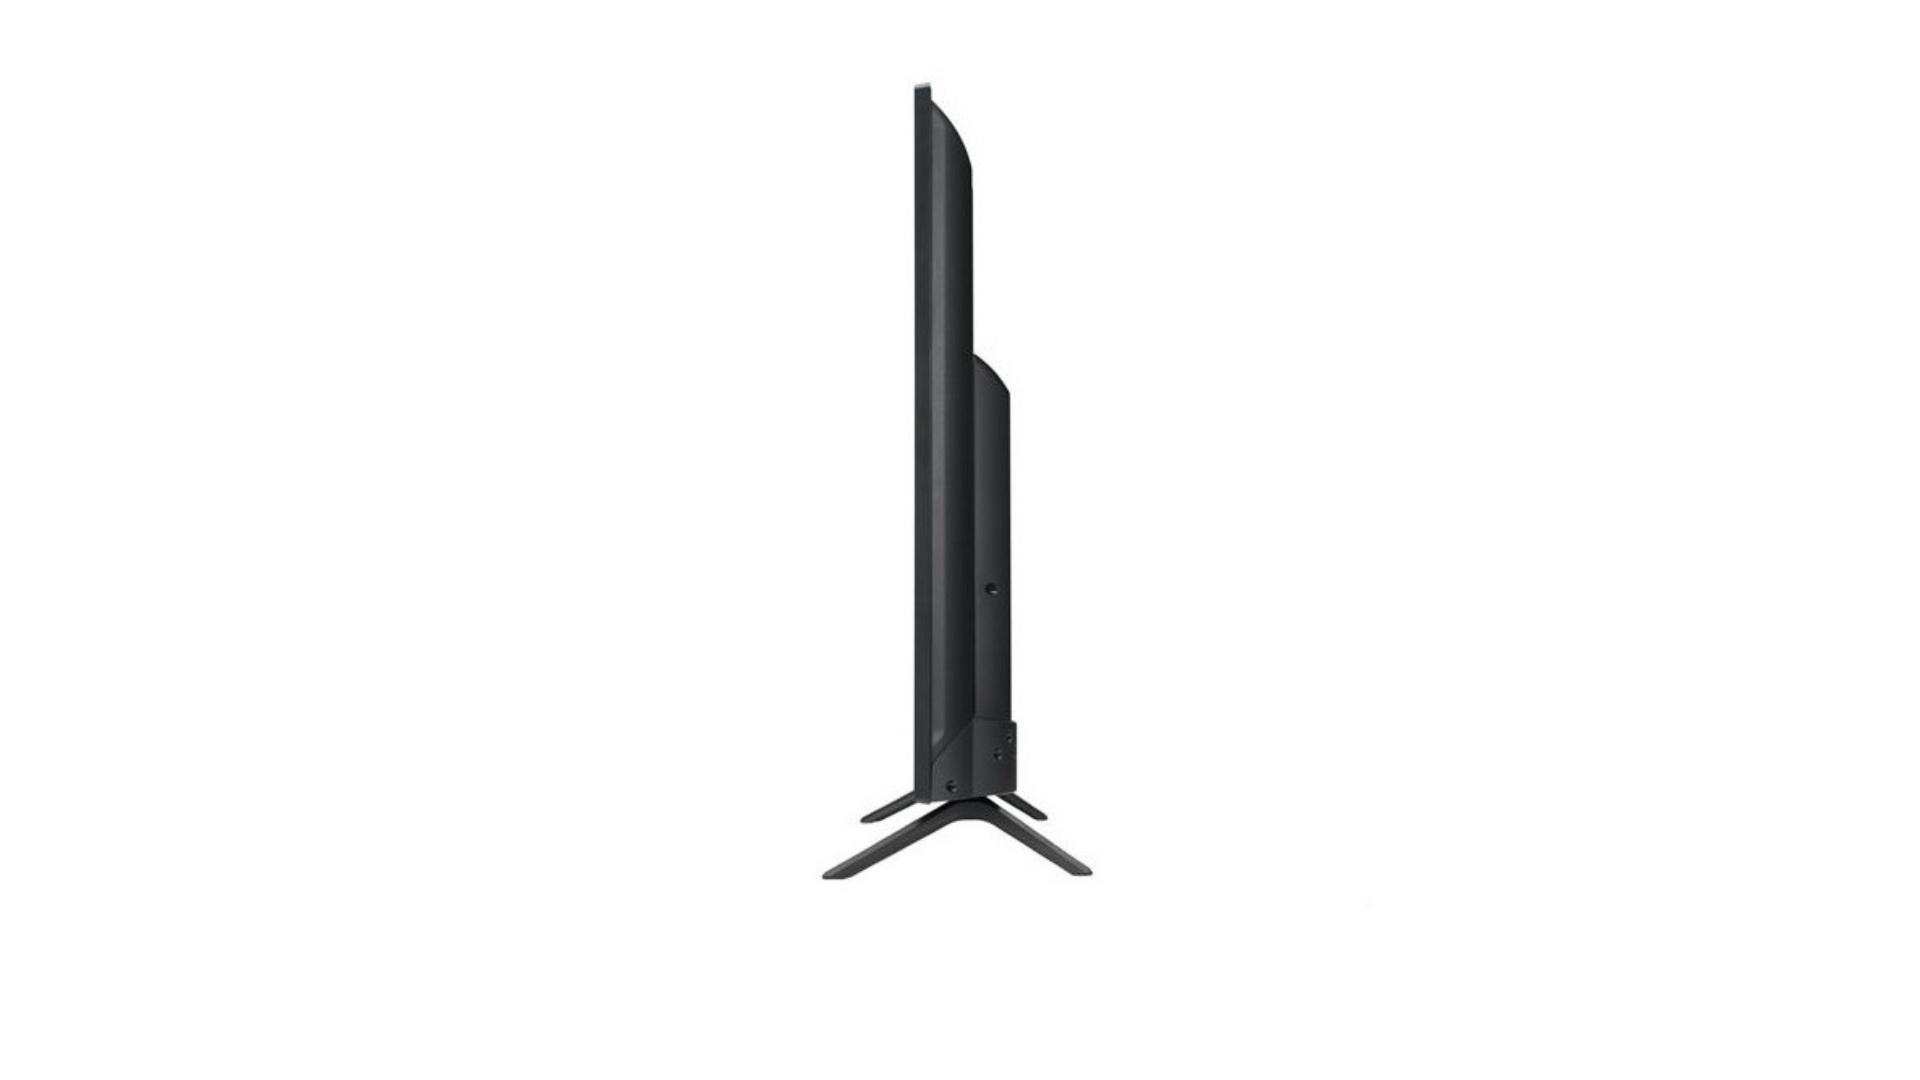 O tamanho da TV LG LV300C é ideal para lugares pequenos (Imagem: Divulgação/LG)